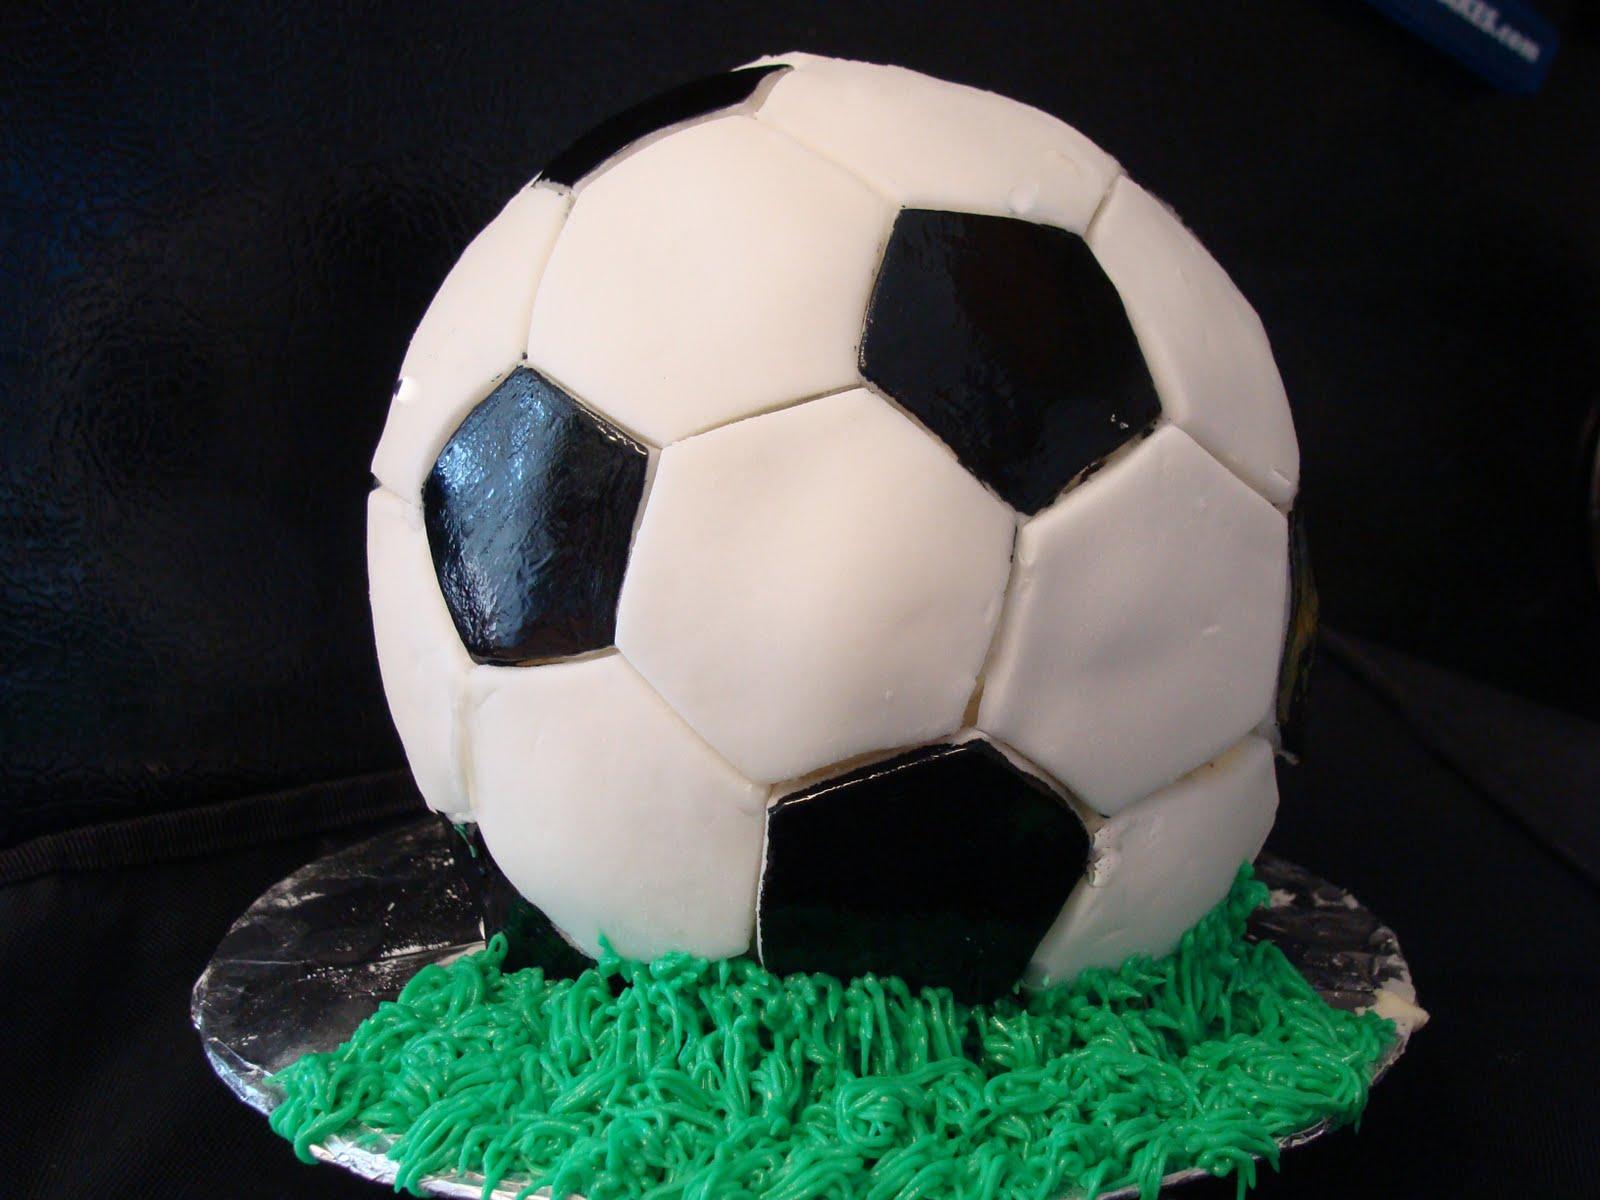 Soccer Ball Cake Images : Tummy Temptations: Soccer Ball Cake - Part 2